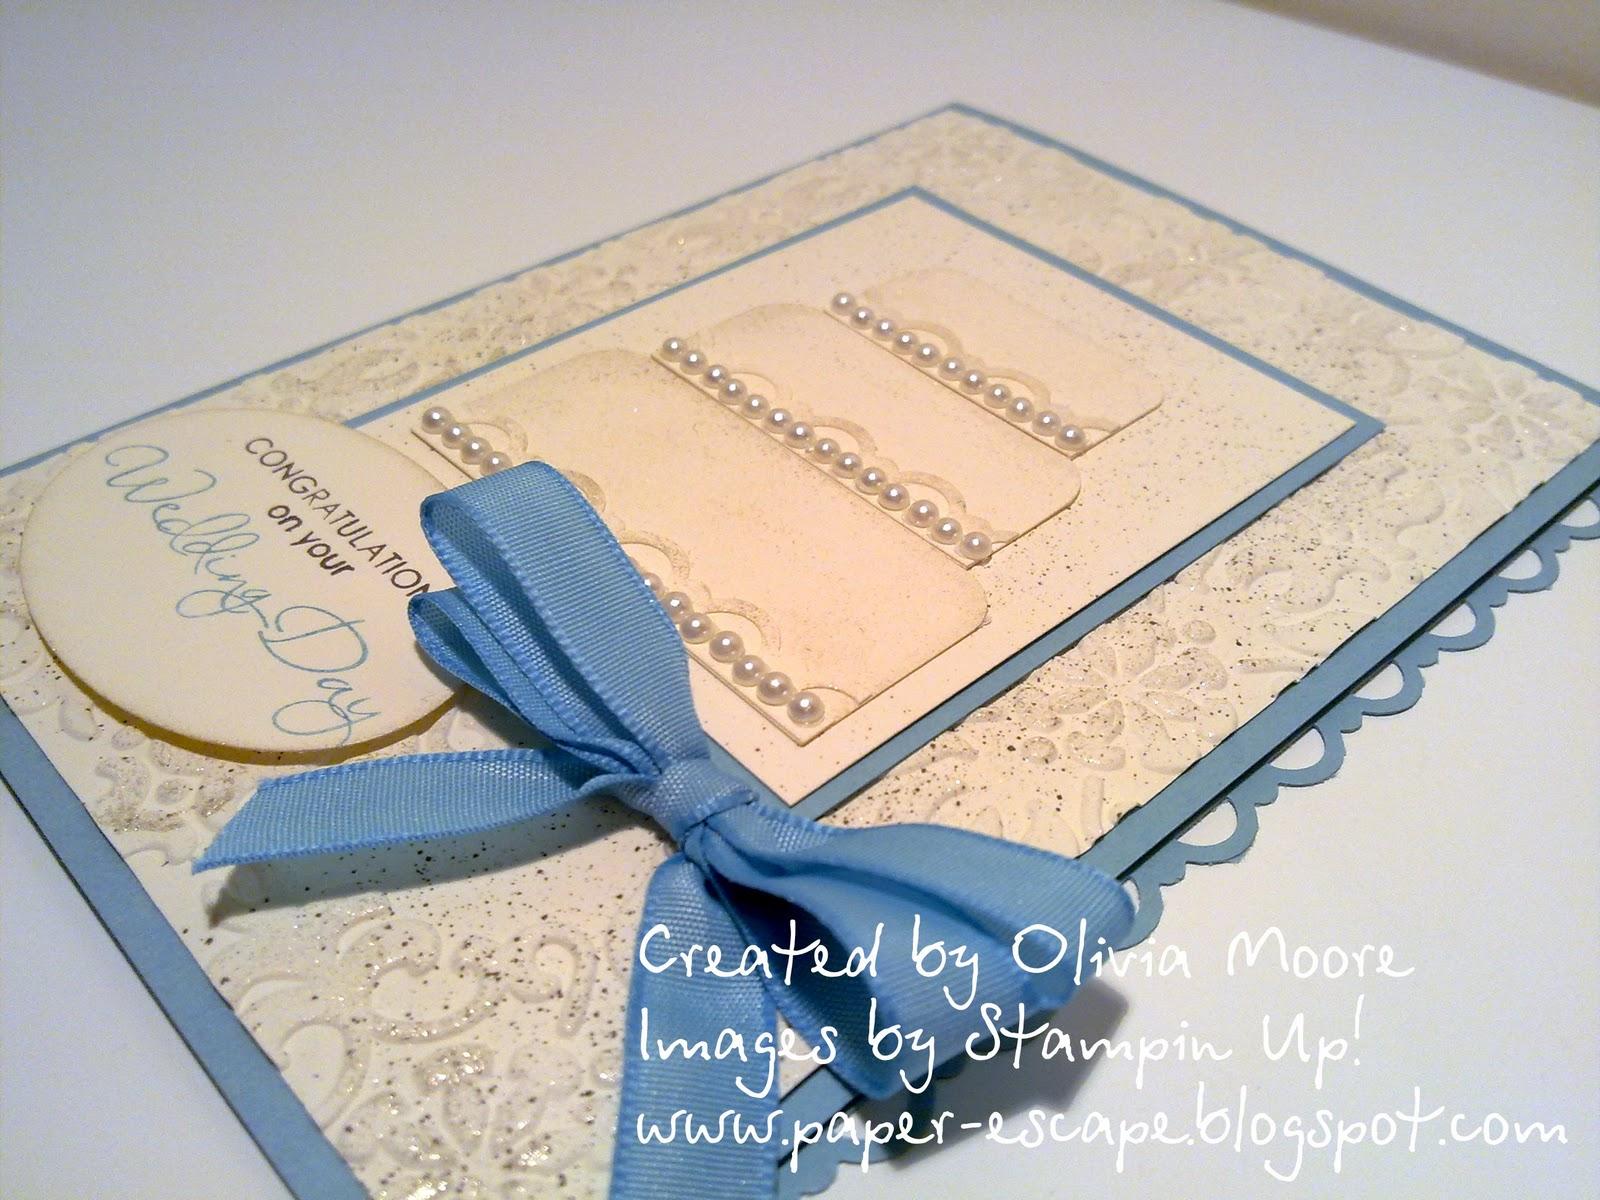 http://4.bp.blogspot.com/_ShHI5YqN9R8/TNueAjsRQiI/AAAAAAAABkE/bz5Rq1xi74Y/s1600/wedding.jpg